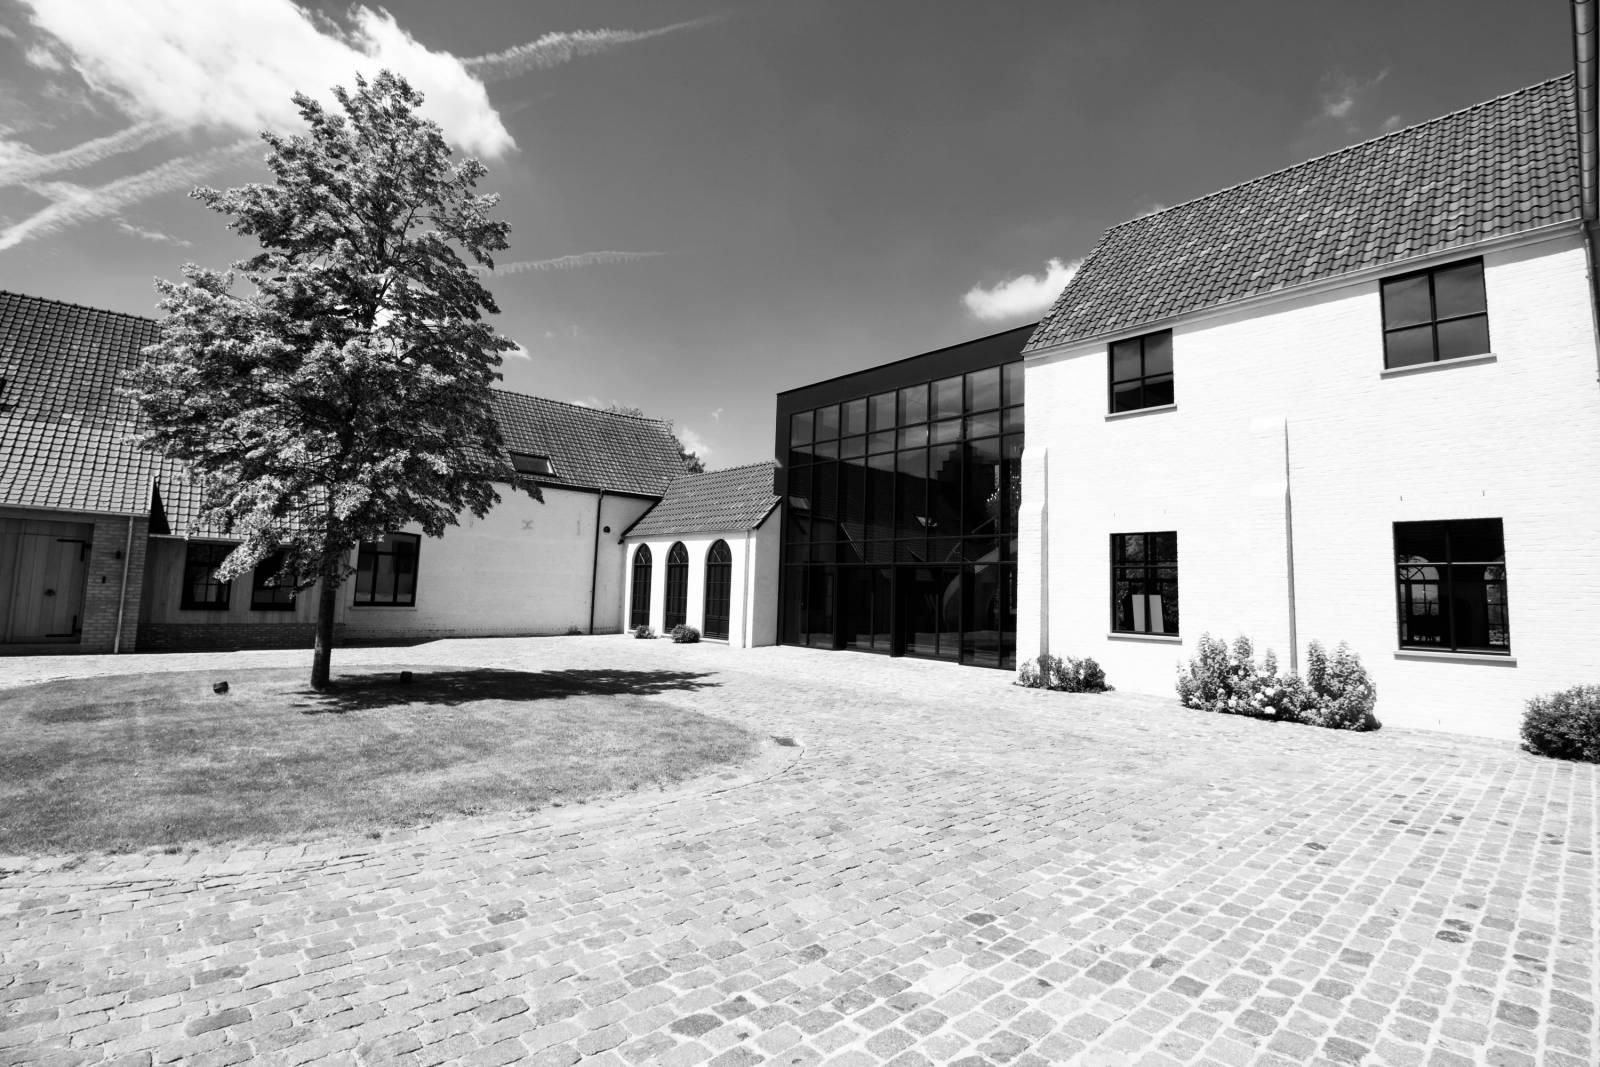 Hove van Herpelgem - Feestzaal Kluisbergen - Trouwzaal - House of Weddings - 4